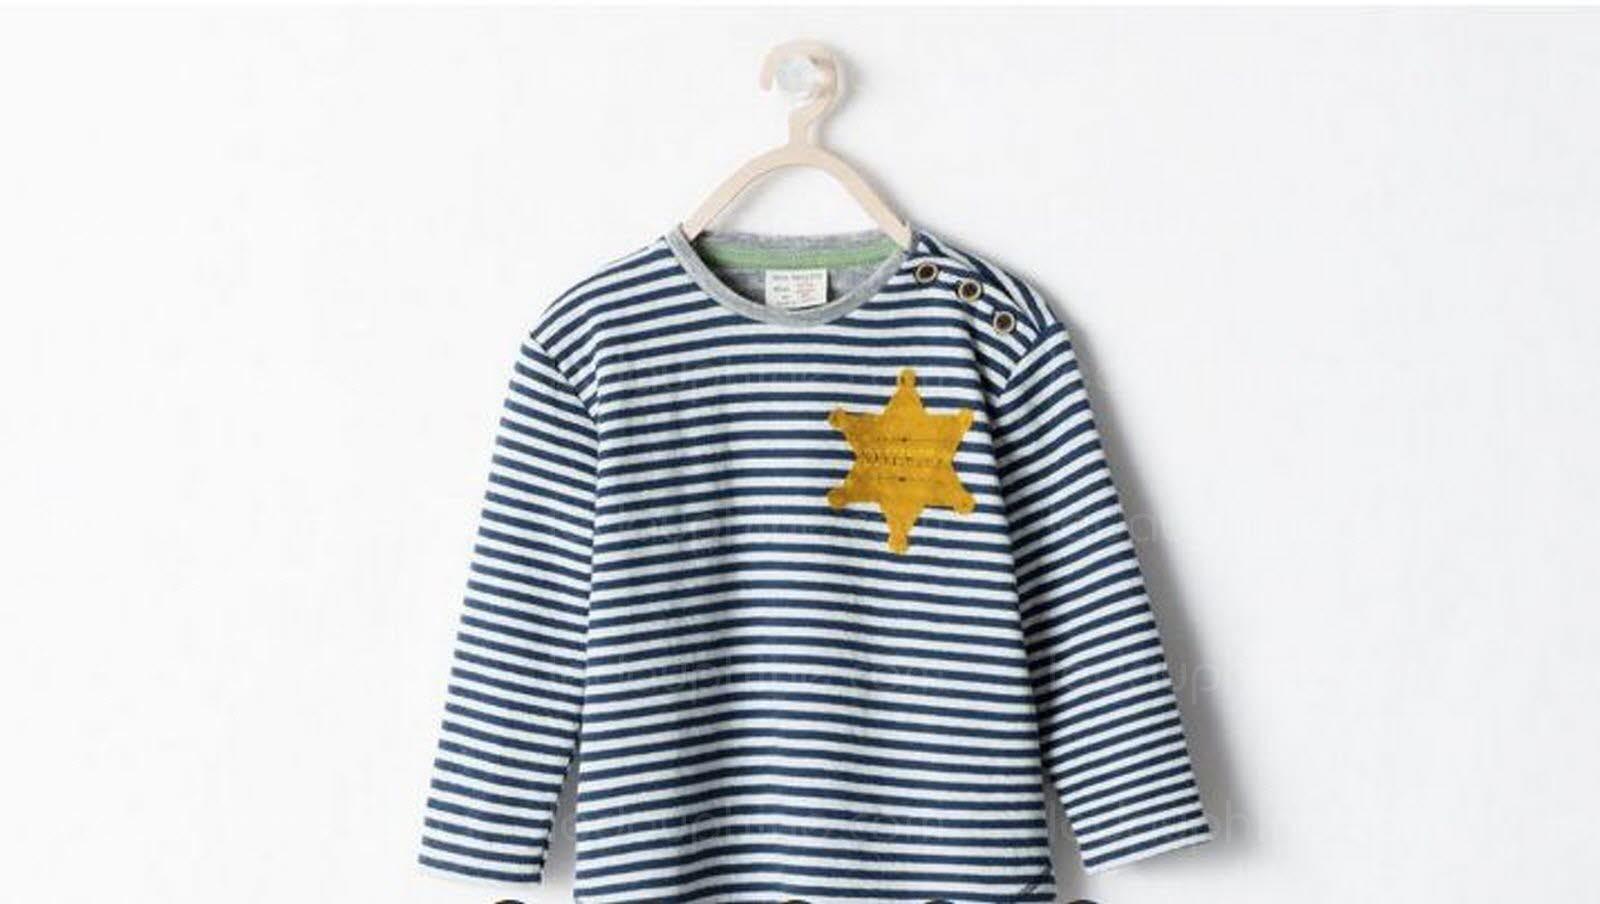 Le modèle pour enfant controversé, mis en vente par Zara en 2014